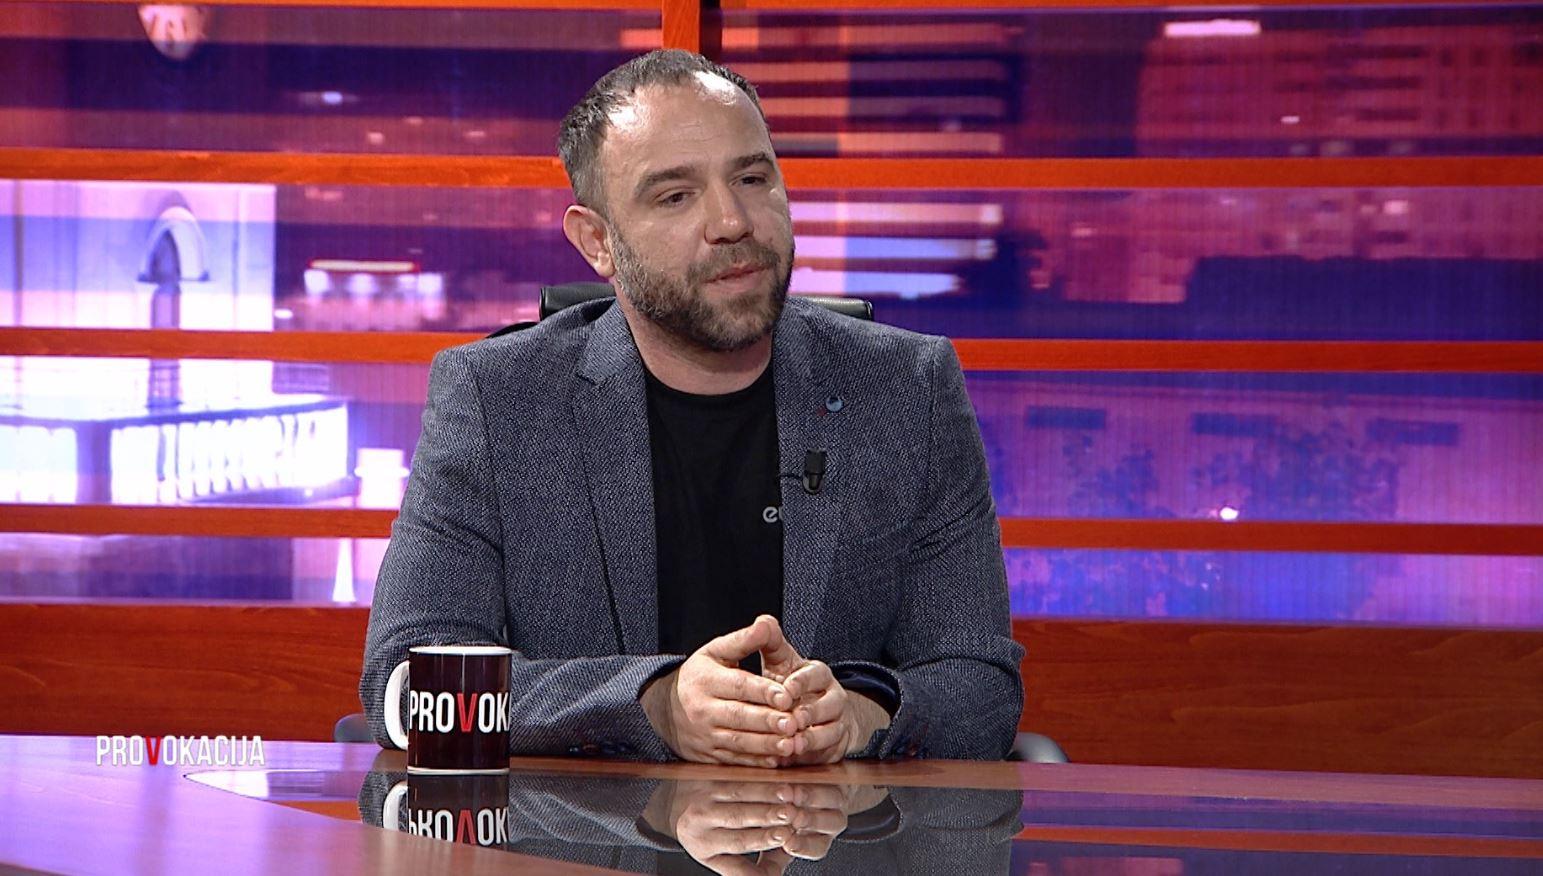 Çështja e Kosovës, Ervis Iliazaj: Nga samiti i Berlinit fitoi teza e BE